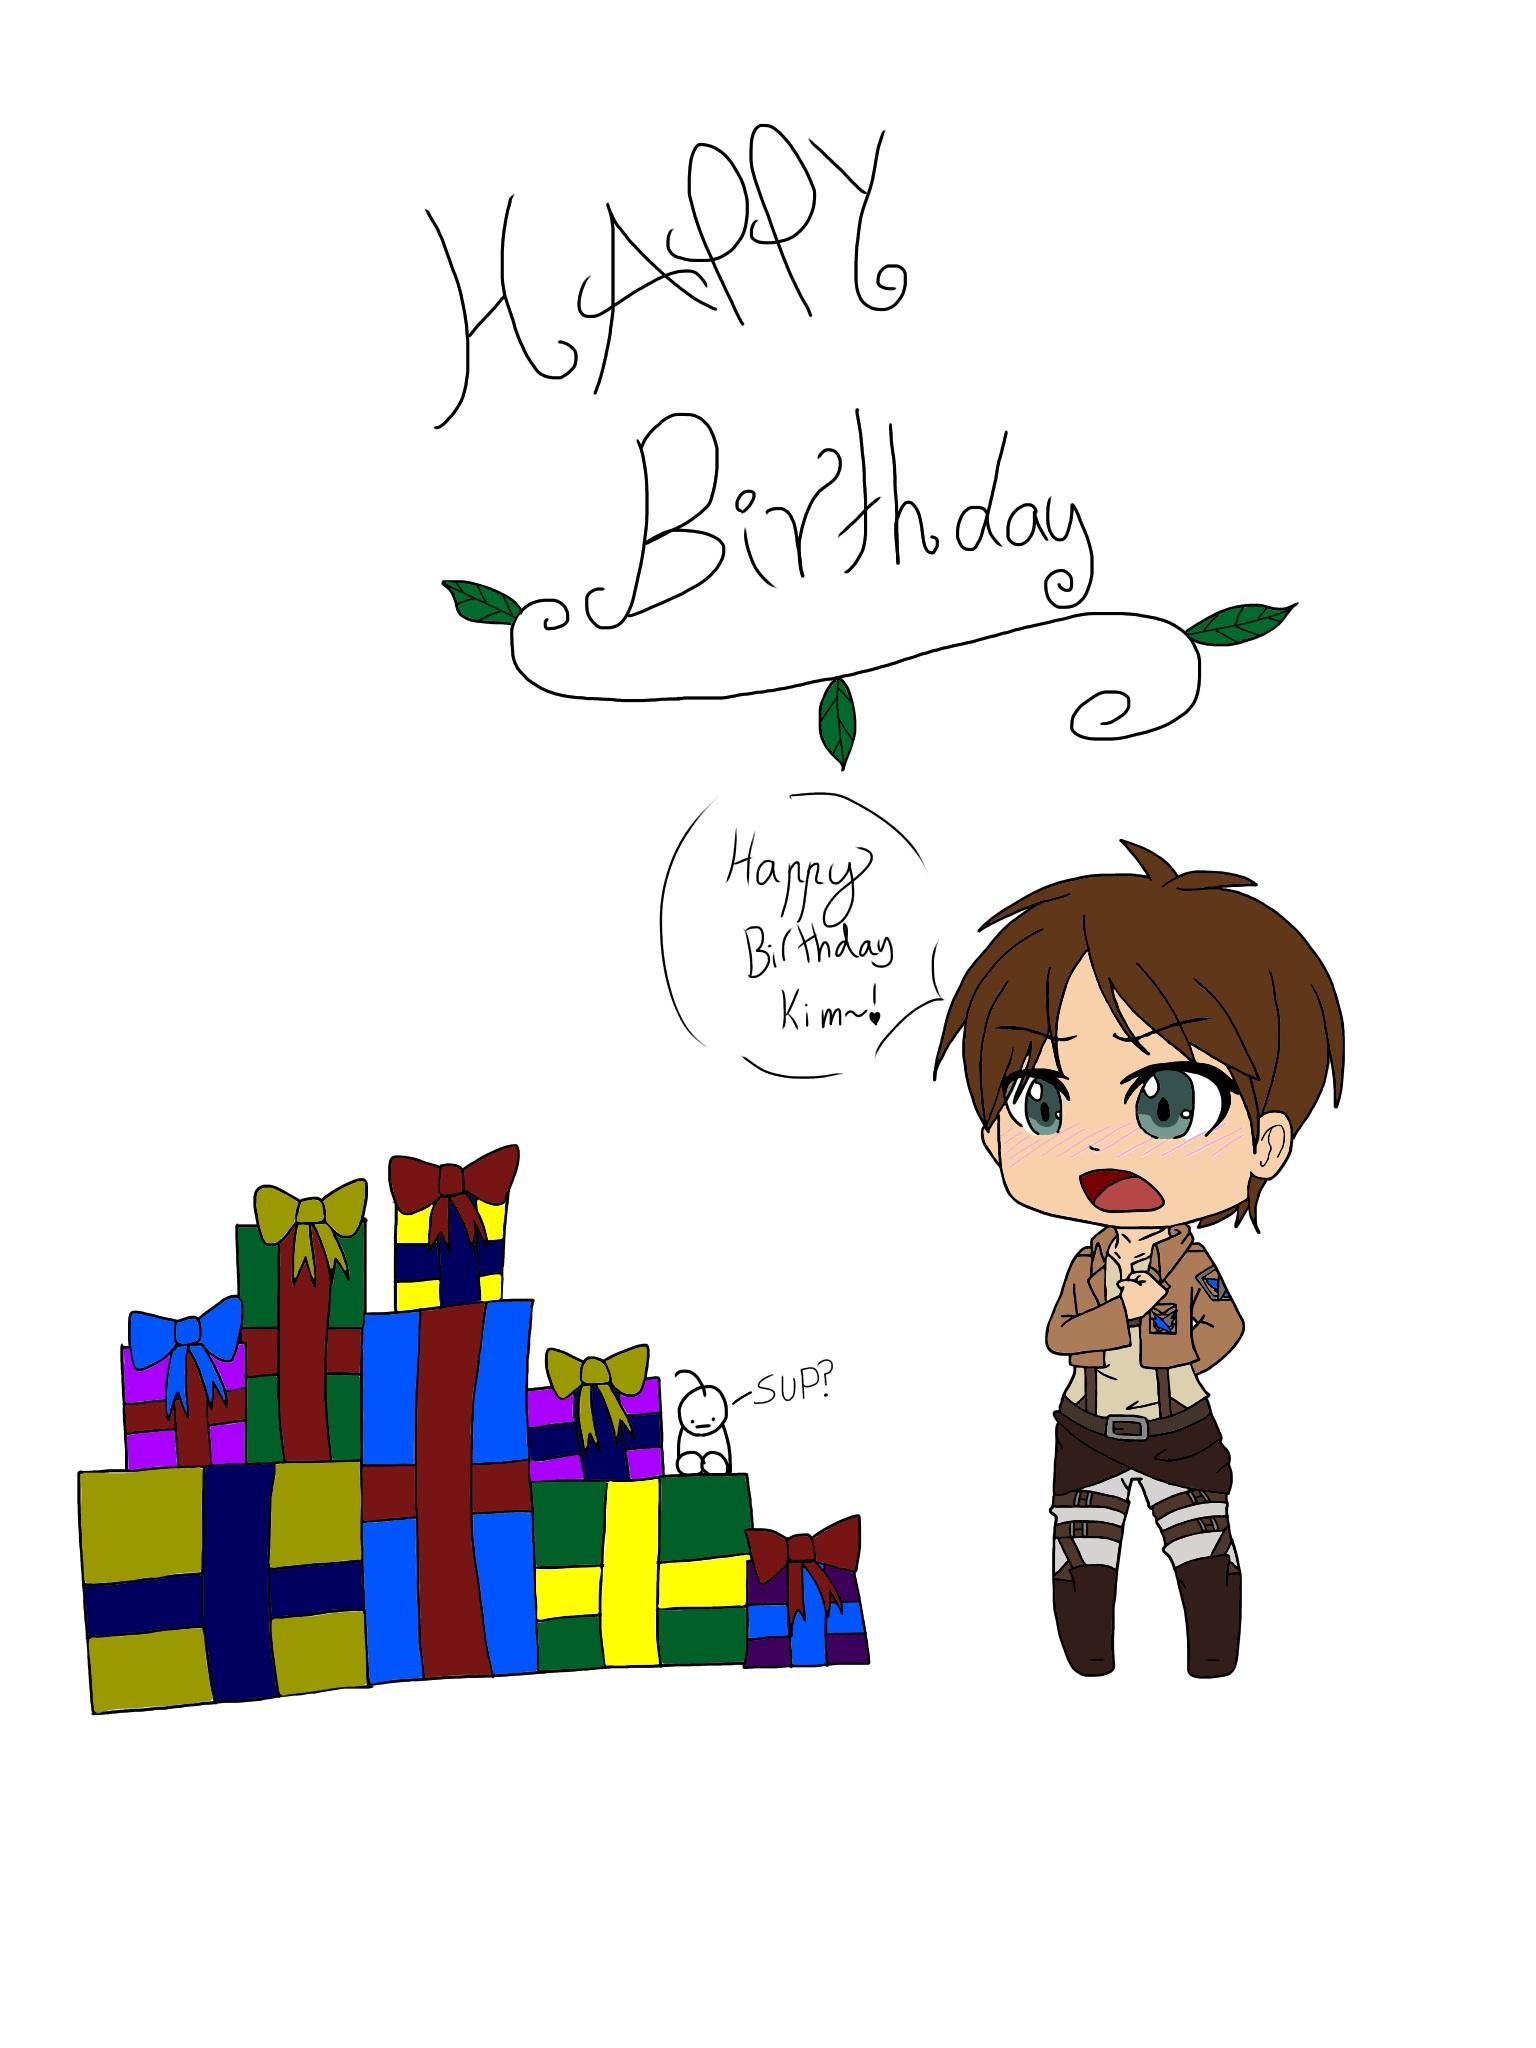 HAPPY BIRTHDAY KIM w by XxSweetScarlettxX on DeviantArt